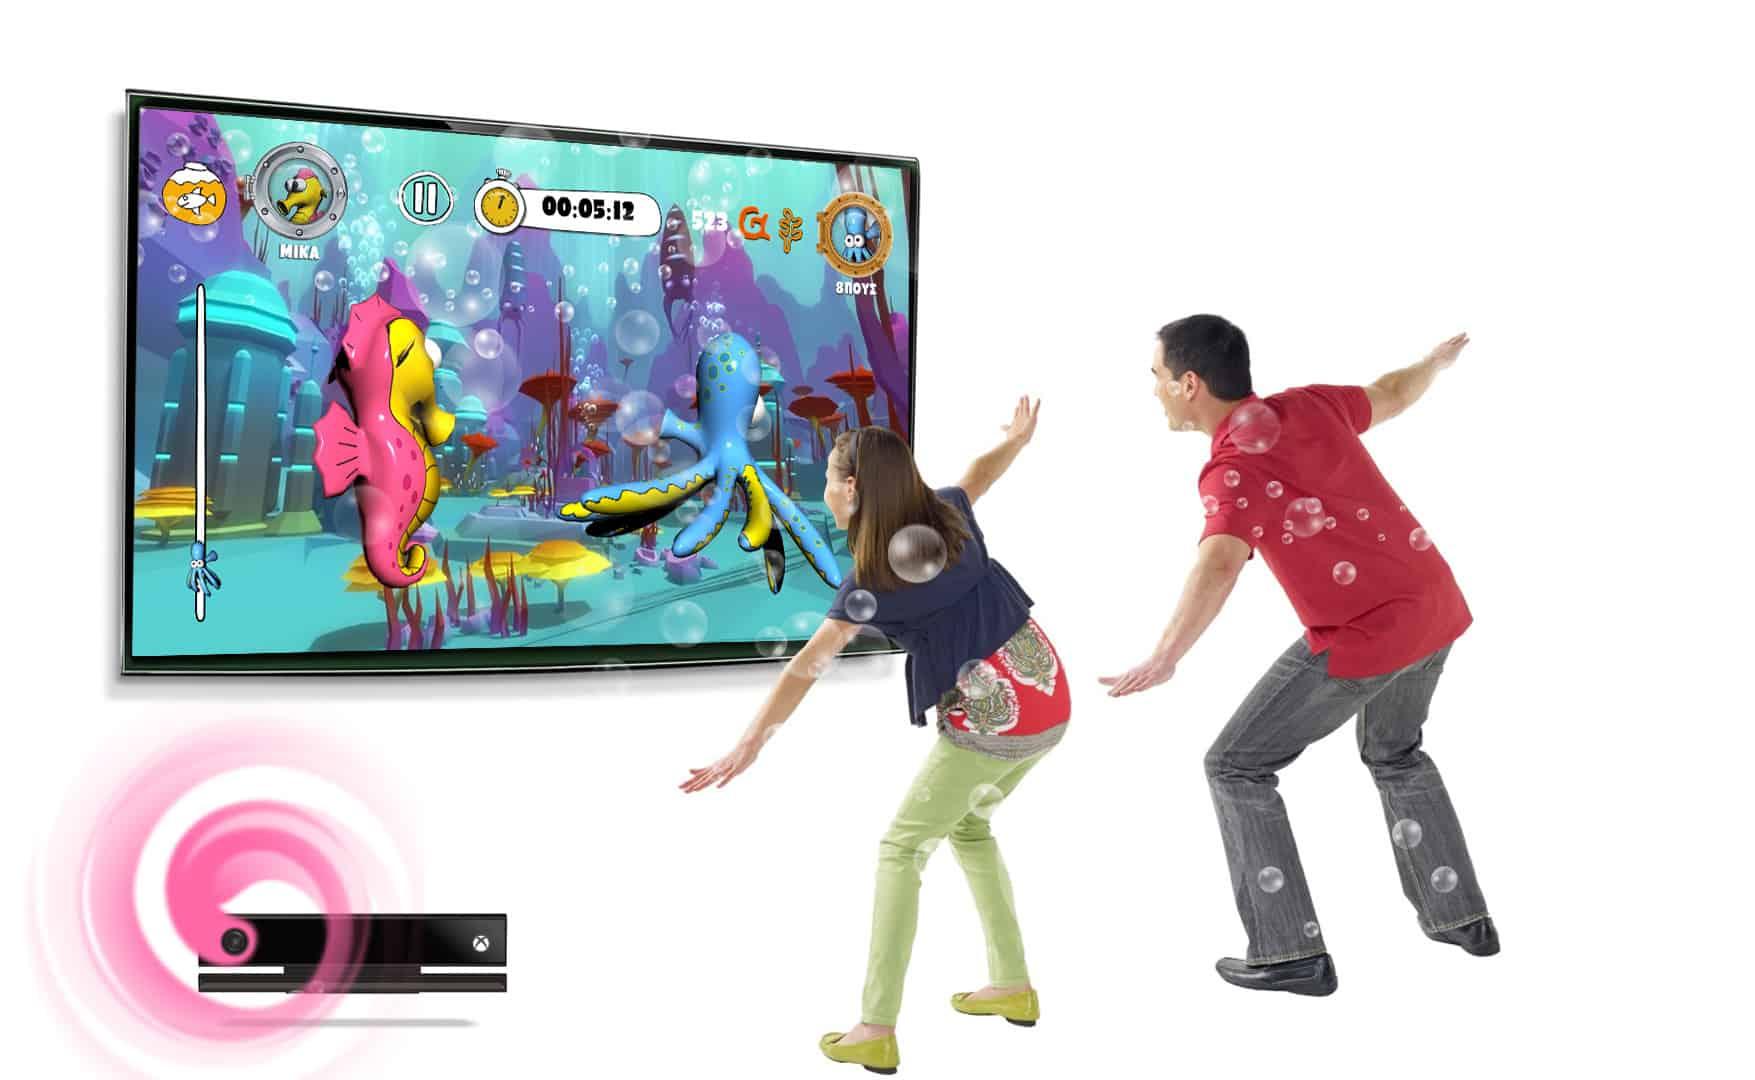 Διαδραστικά παιχνίδια για παιδιά – Εκπαιδευτικές διαδραστικές εφαρμογές